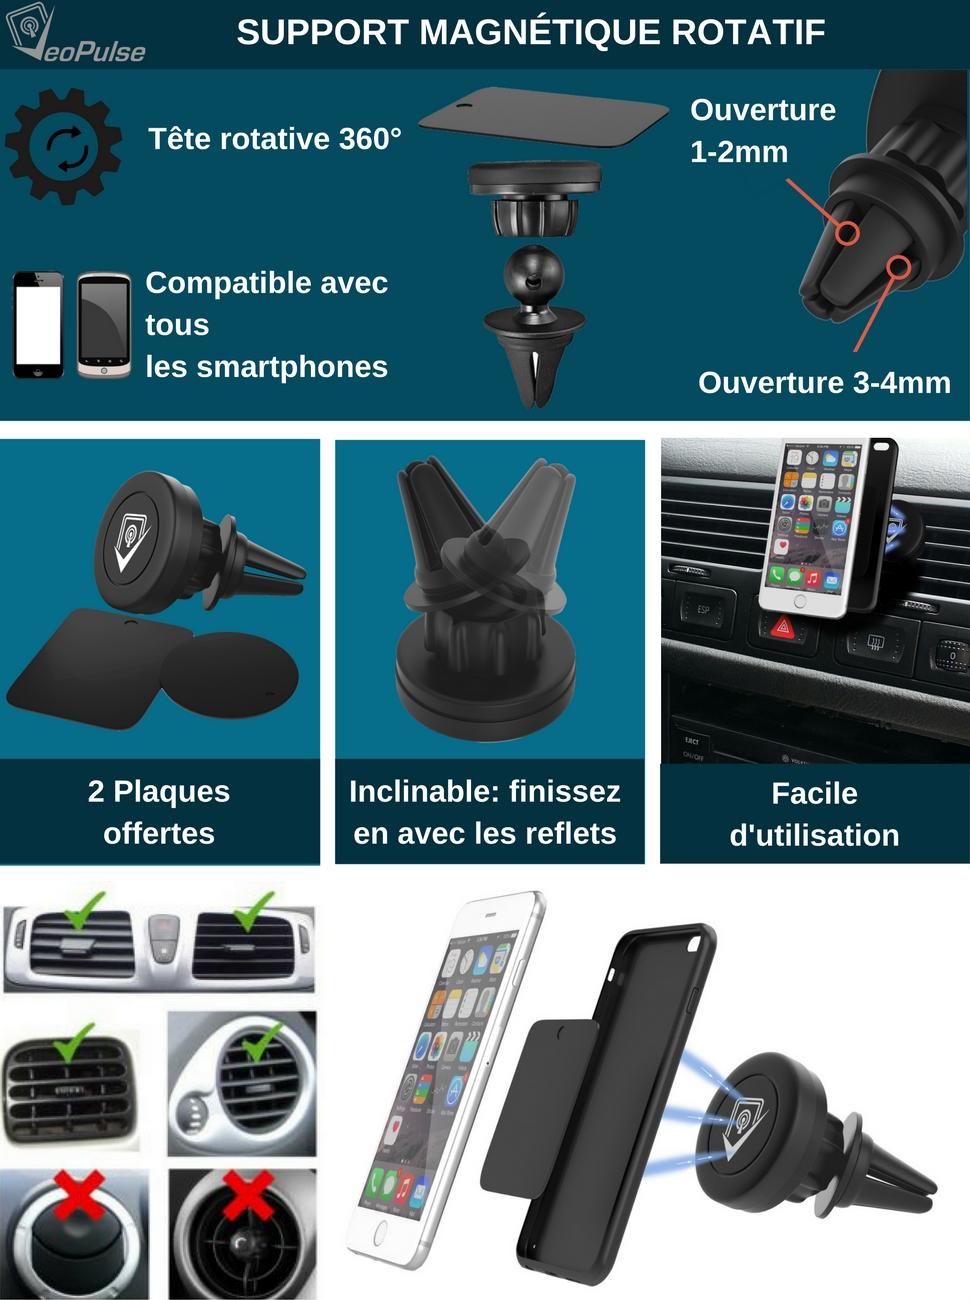 Soyez sereins, votre téléphone ne bougera pas. Des aimants puissants pour  assurer une stabilité parfaite du téléphone 25e0287a66f2